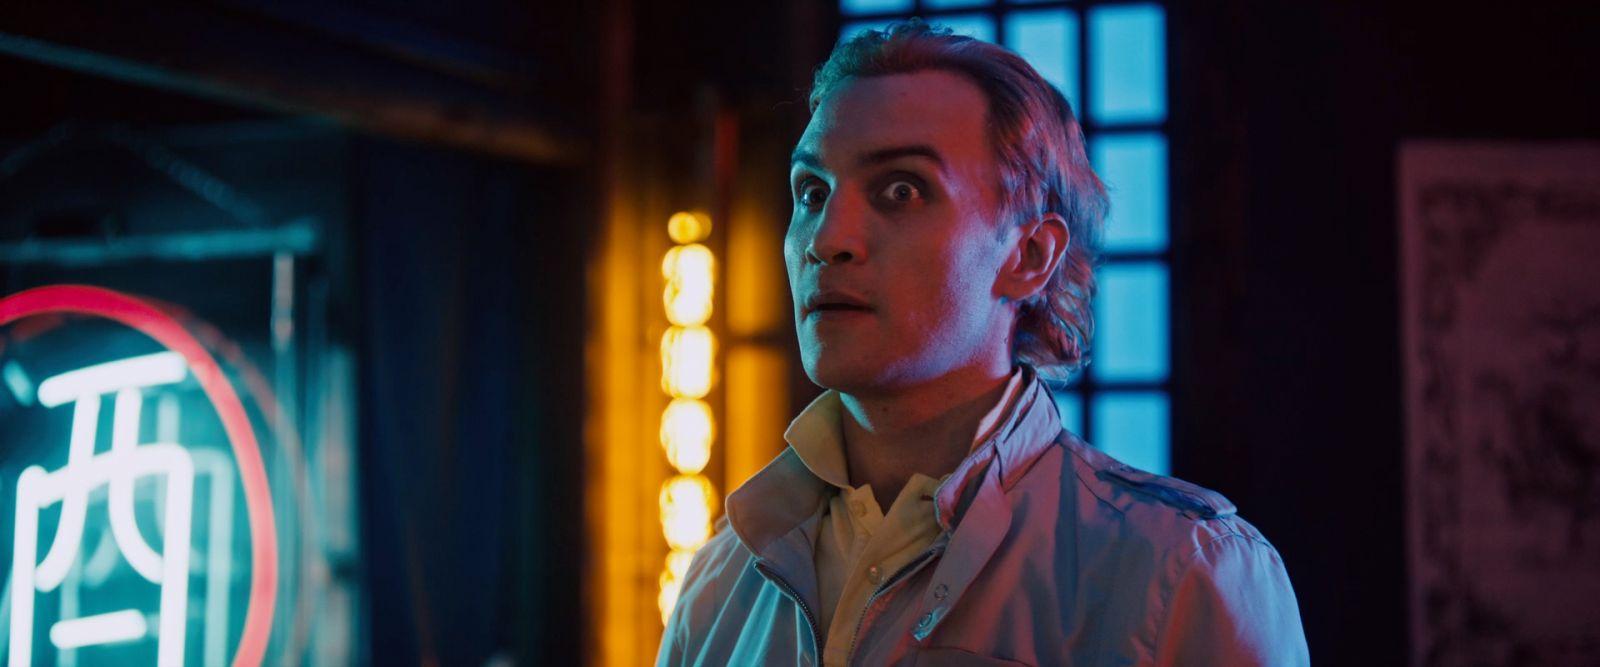 Ари Миллен в роли Боба на кадре из фильма «Порочное удовольствие»